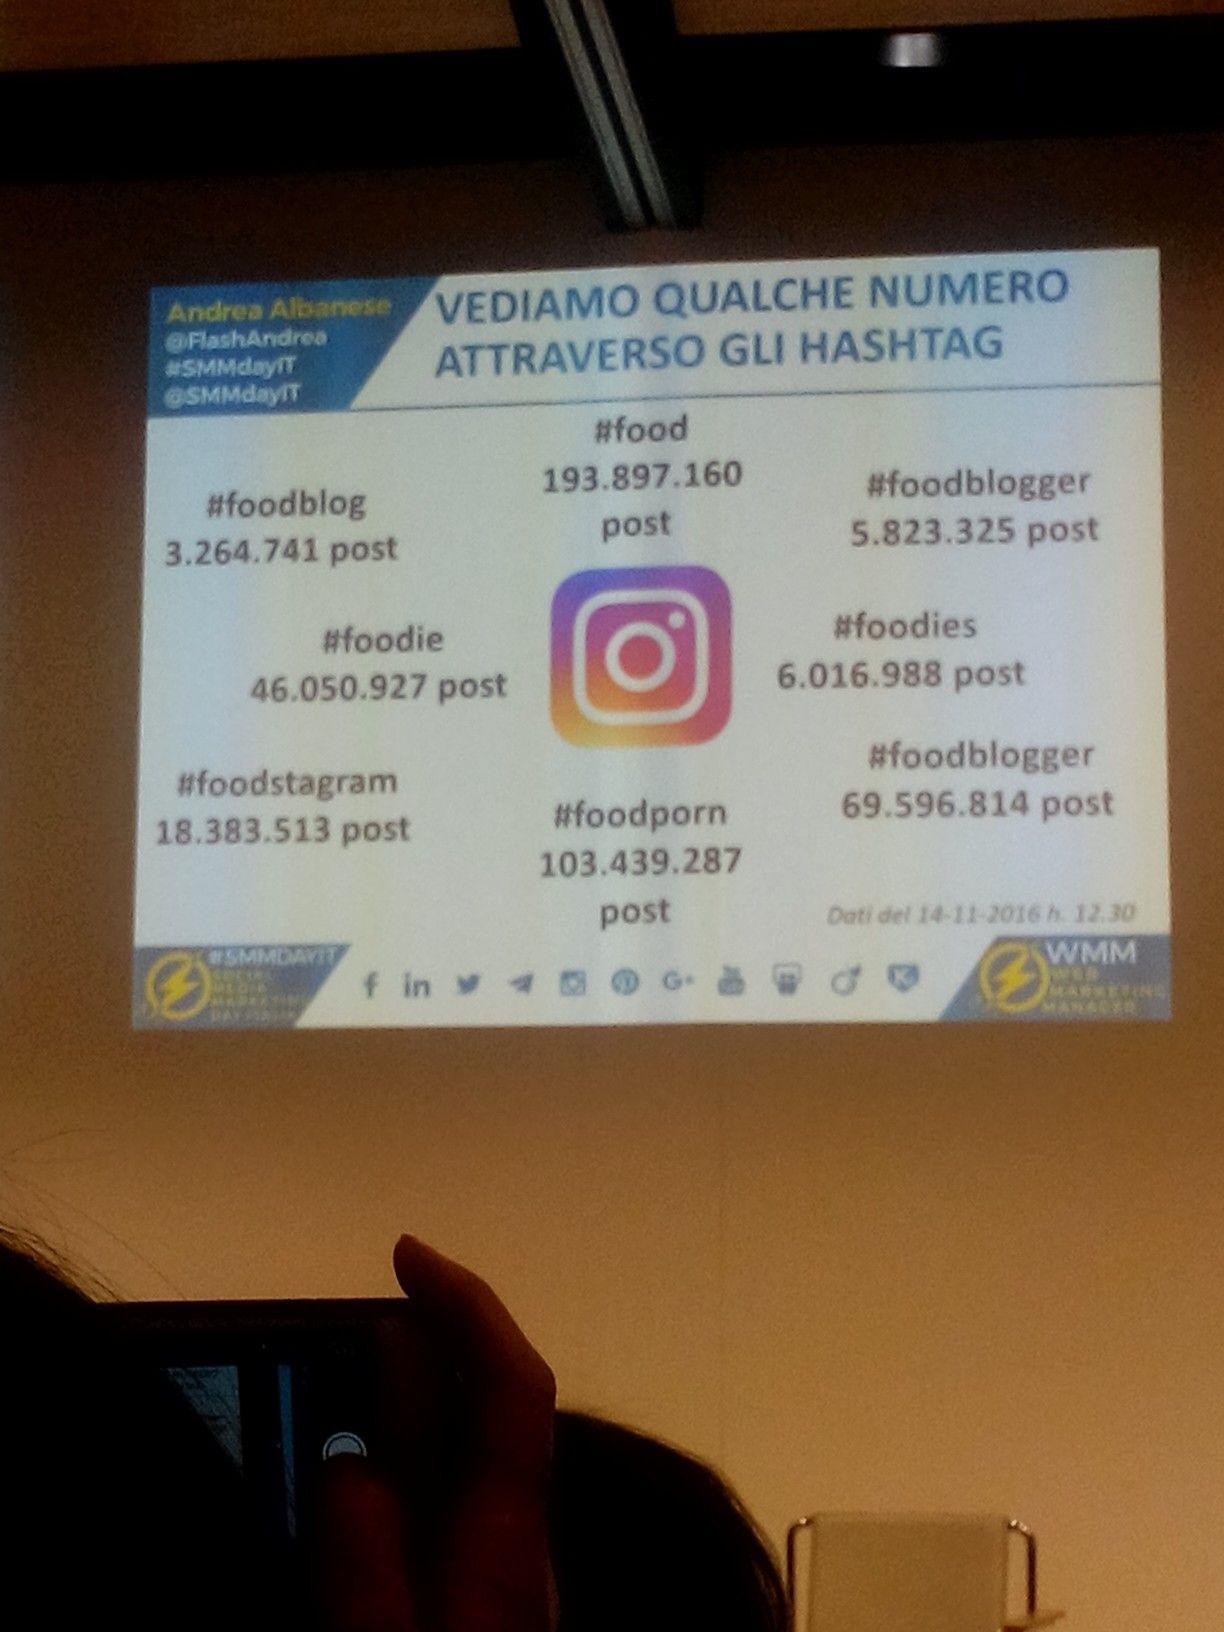 Hashtagmania on Instagram, SMMDayIT - Milano